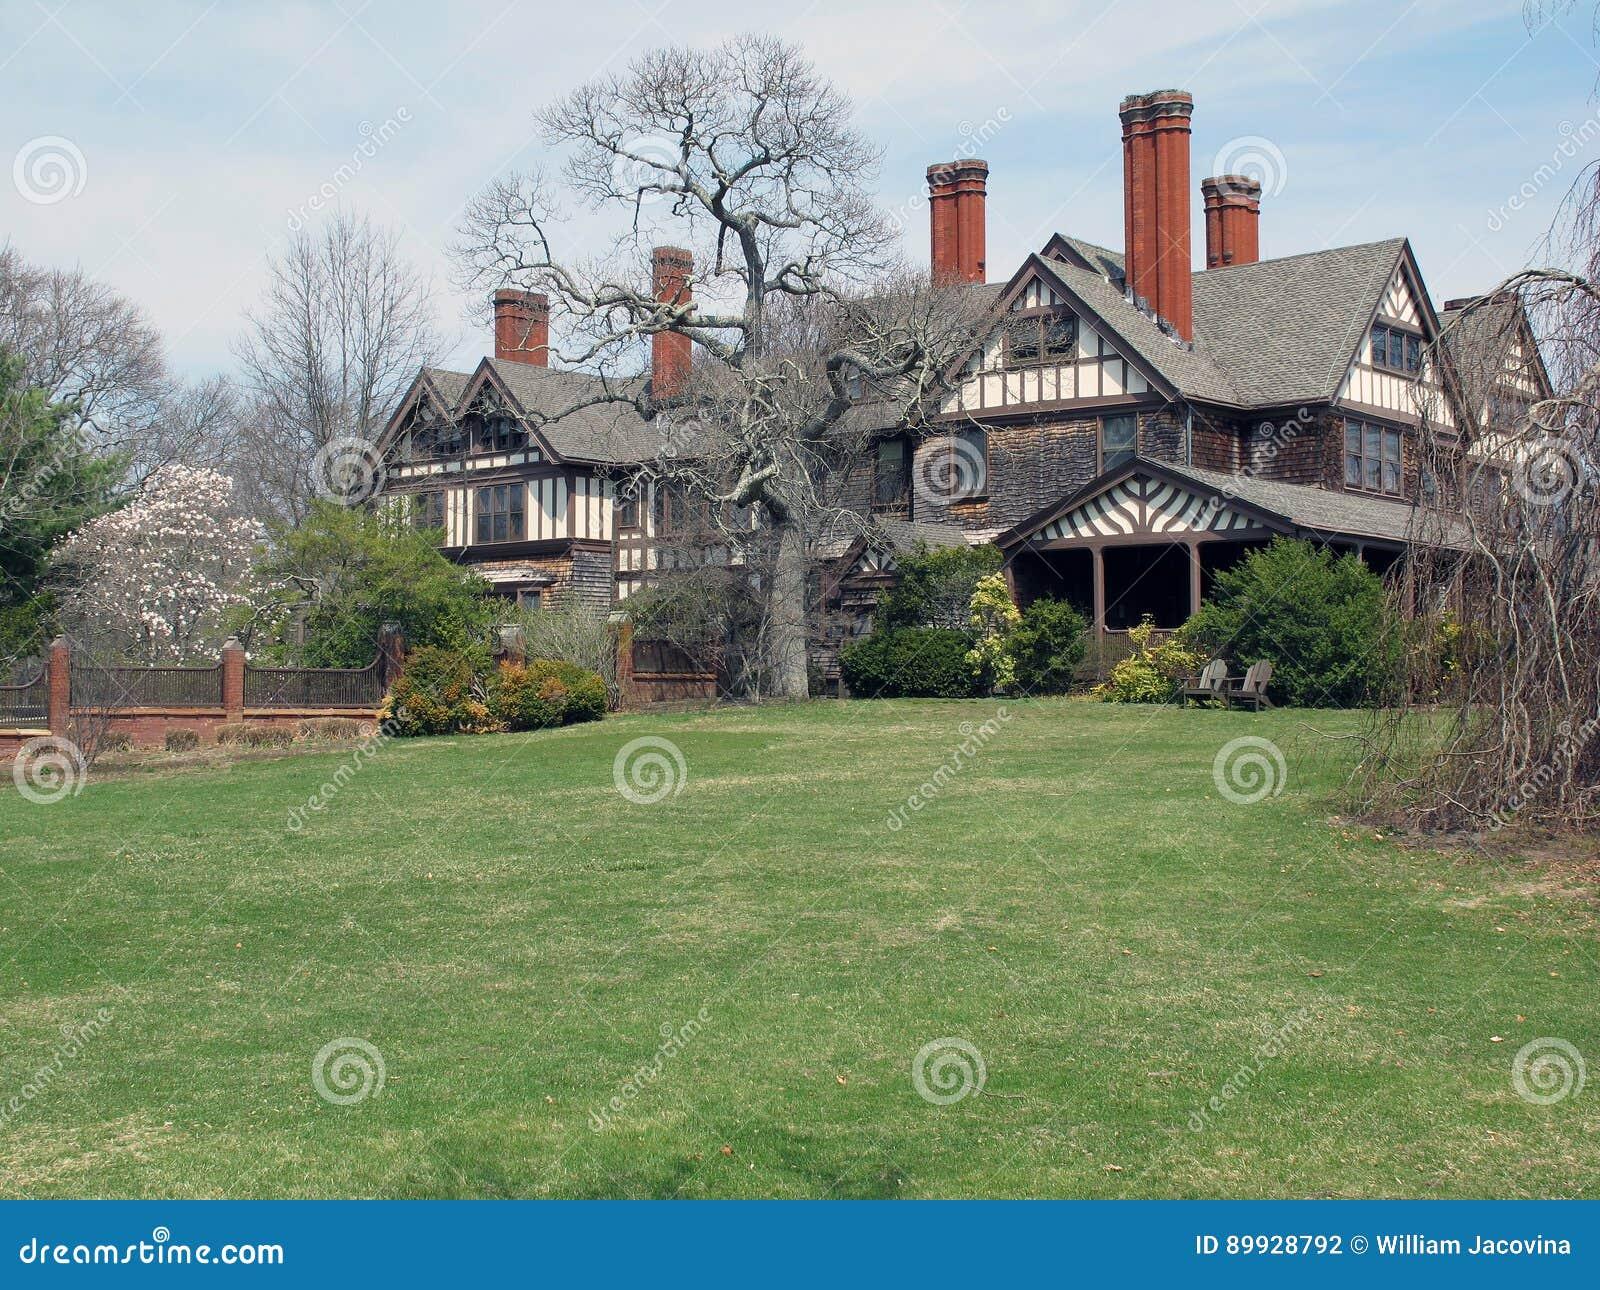 Bayard Cutting Mansion